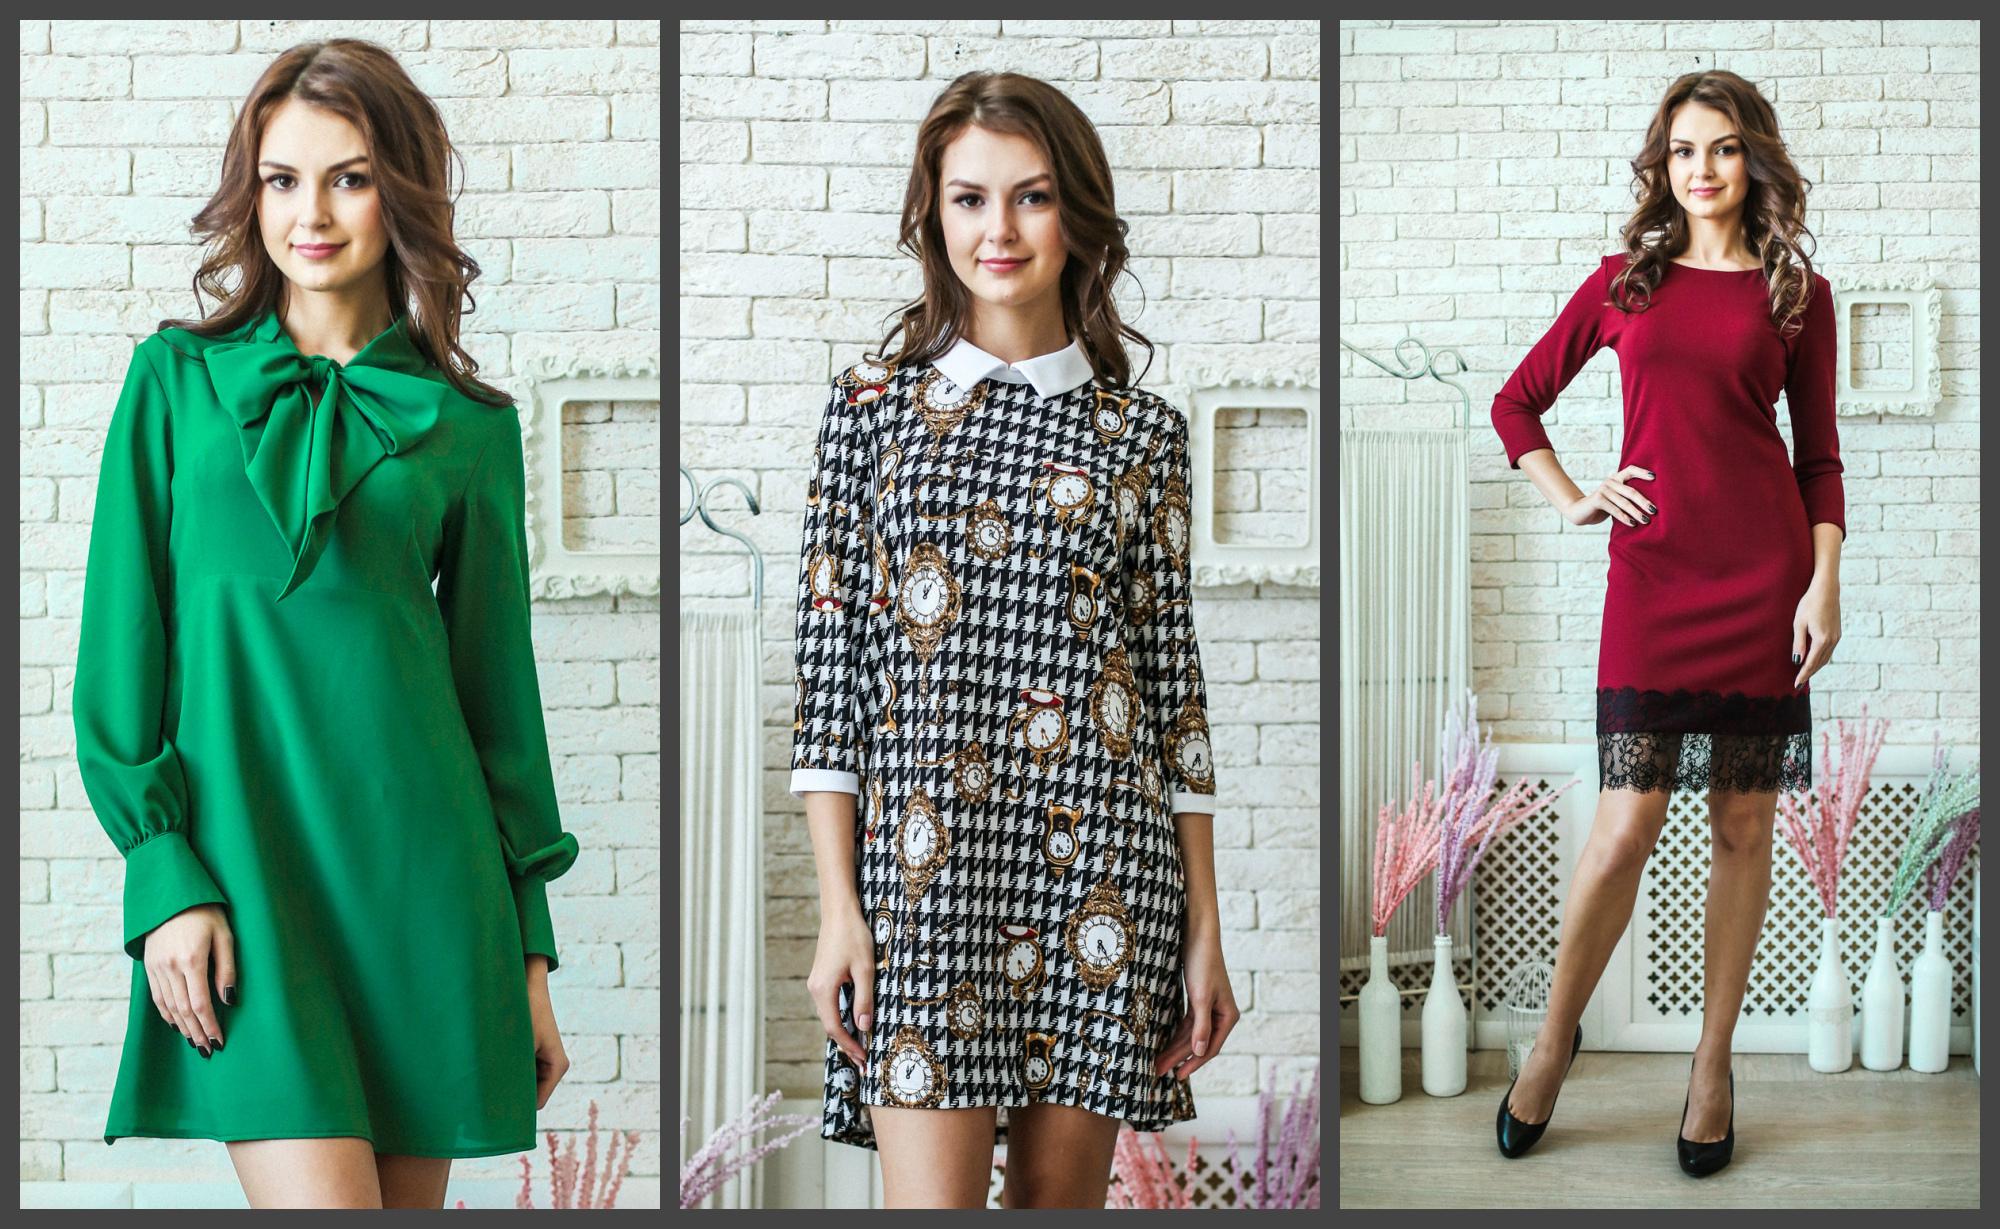 Look Russian модная и удобная одежда для девушек и женщин, которые хотят всегда хорошо выглядеть. Распродажа от 500 руб